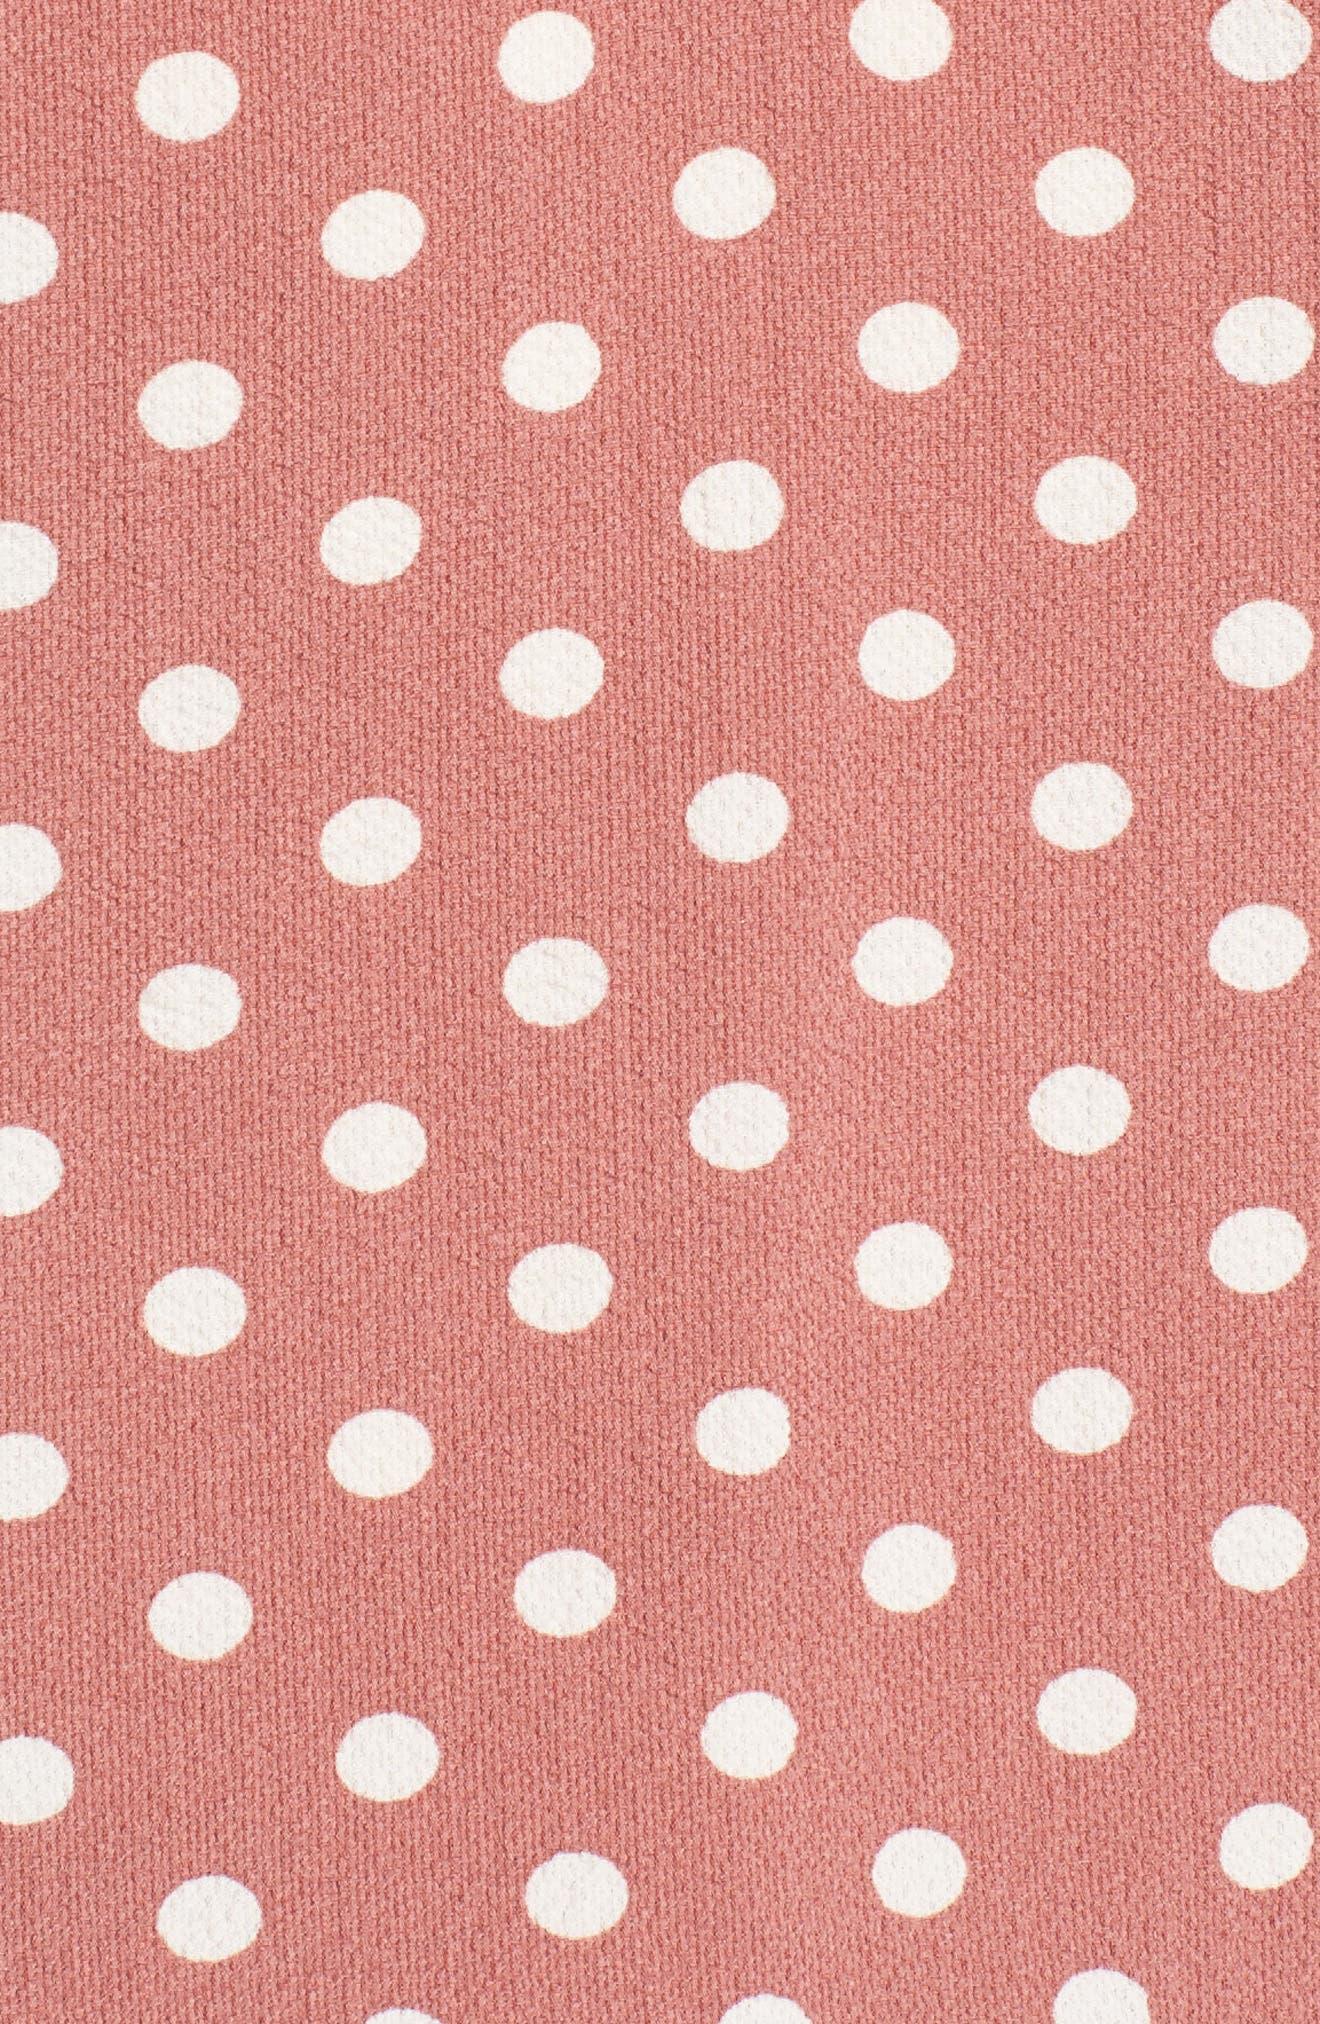 Polka Dot Cold Shoulder Top,                             Alternate thumbnail 5, color,                             690